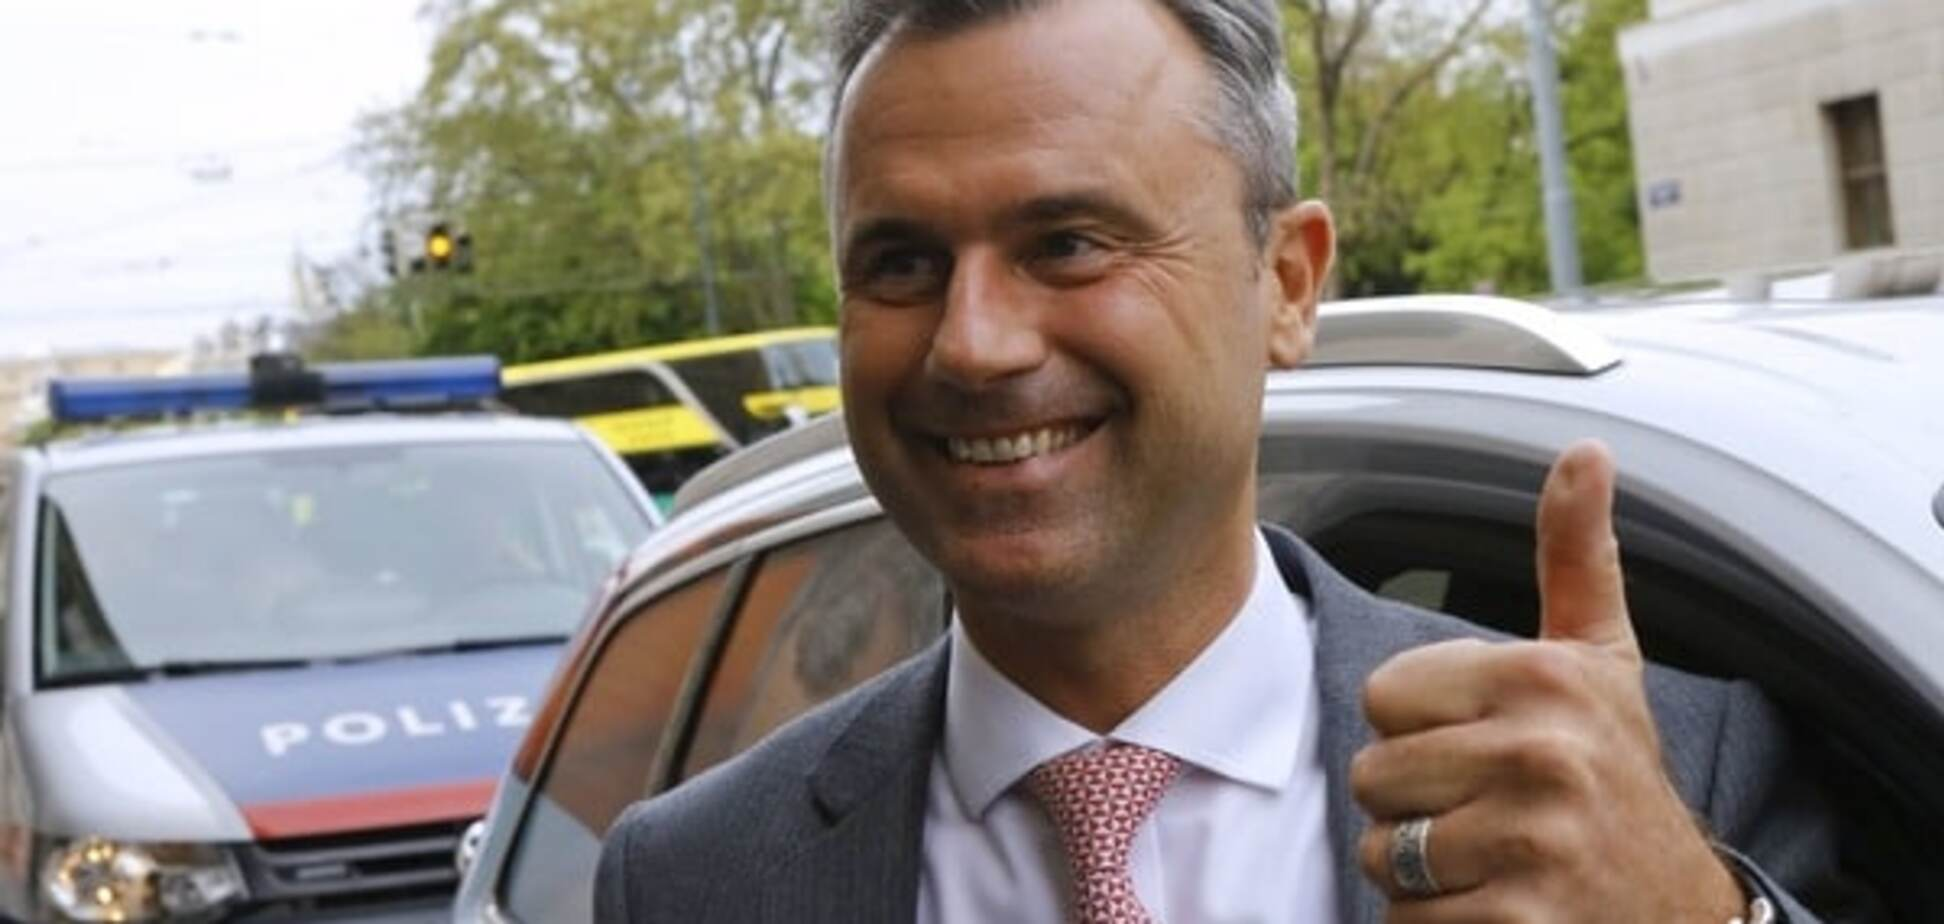 Сенсация на выборах в Австрии: лидером президентской гонки стал пророссийский кандидат